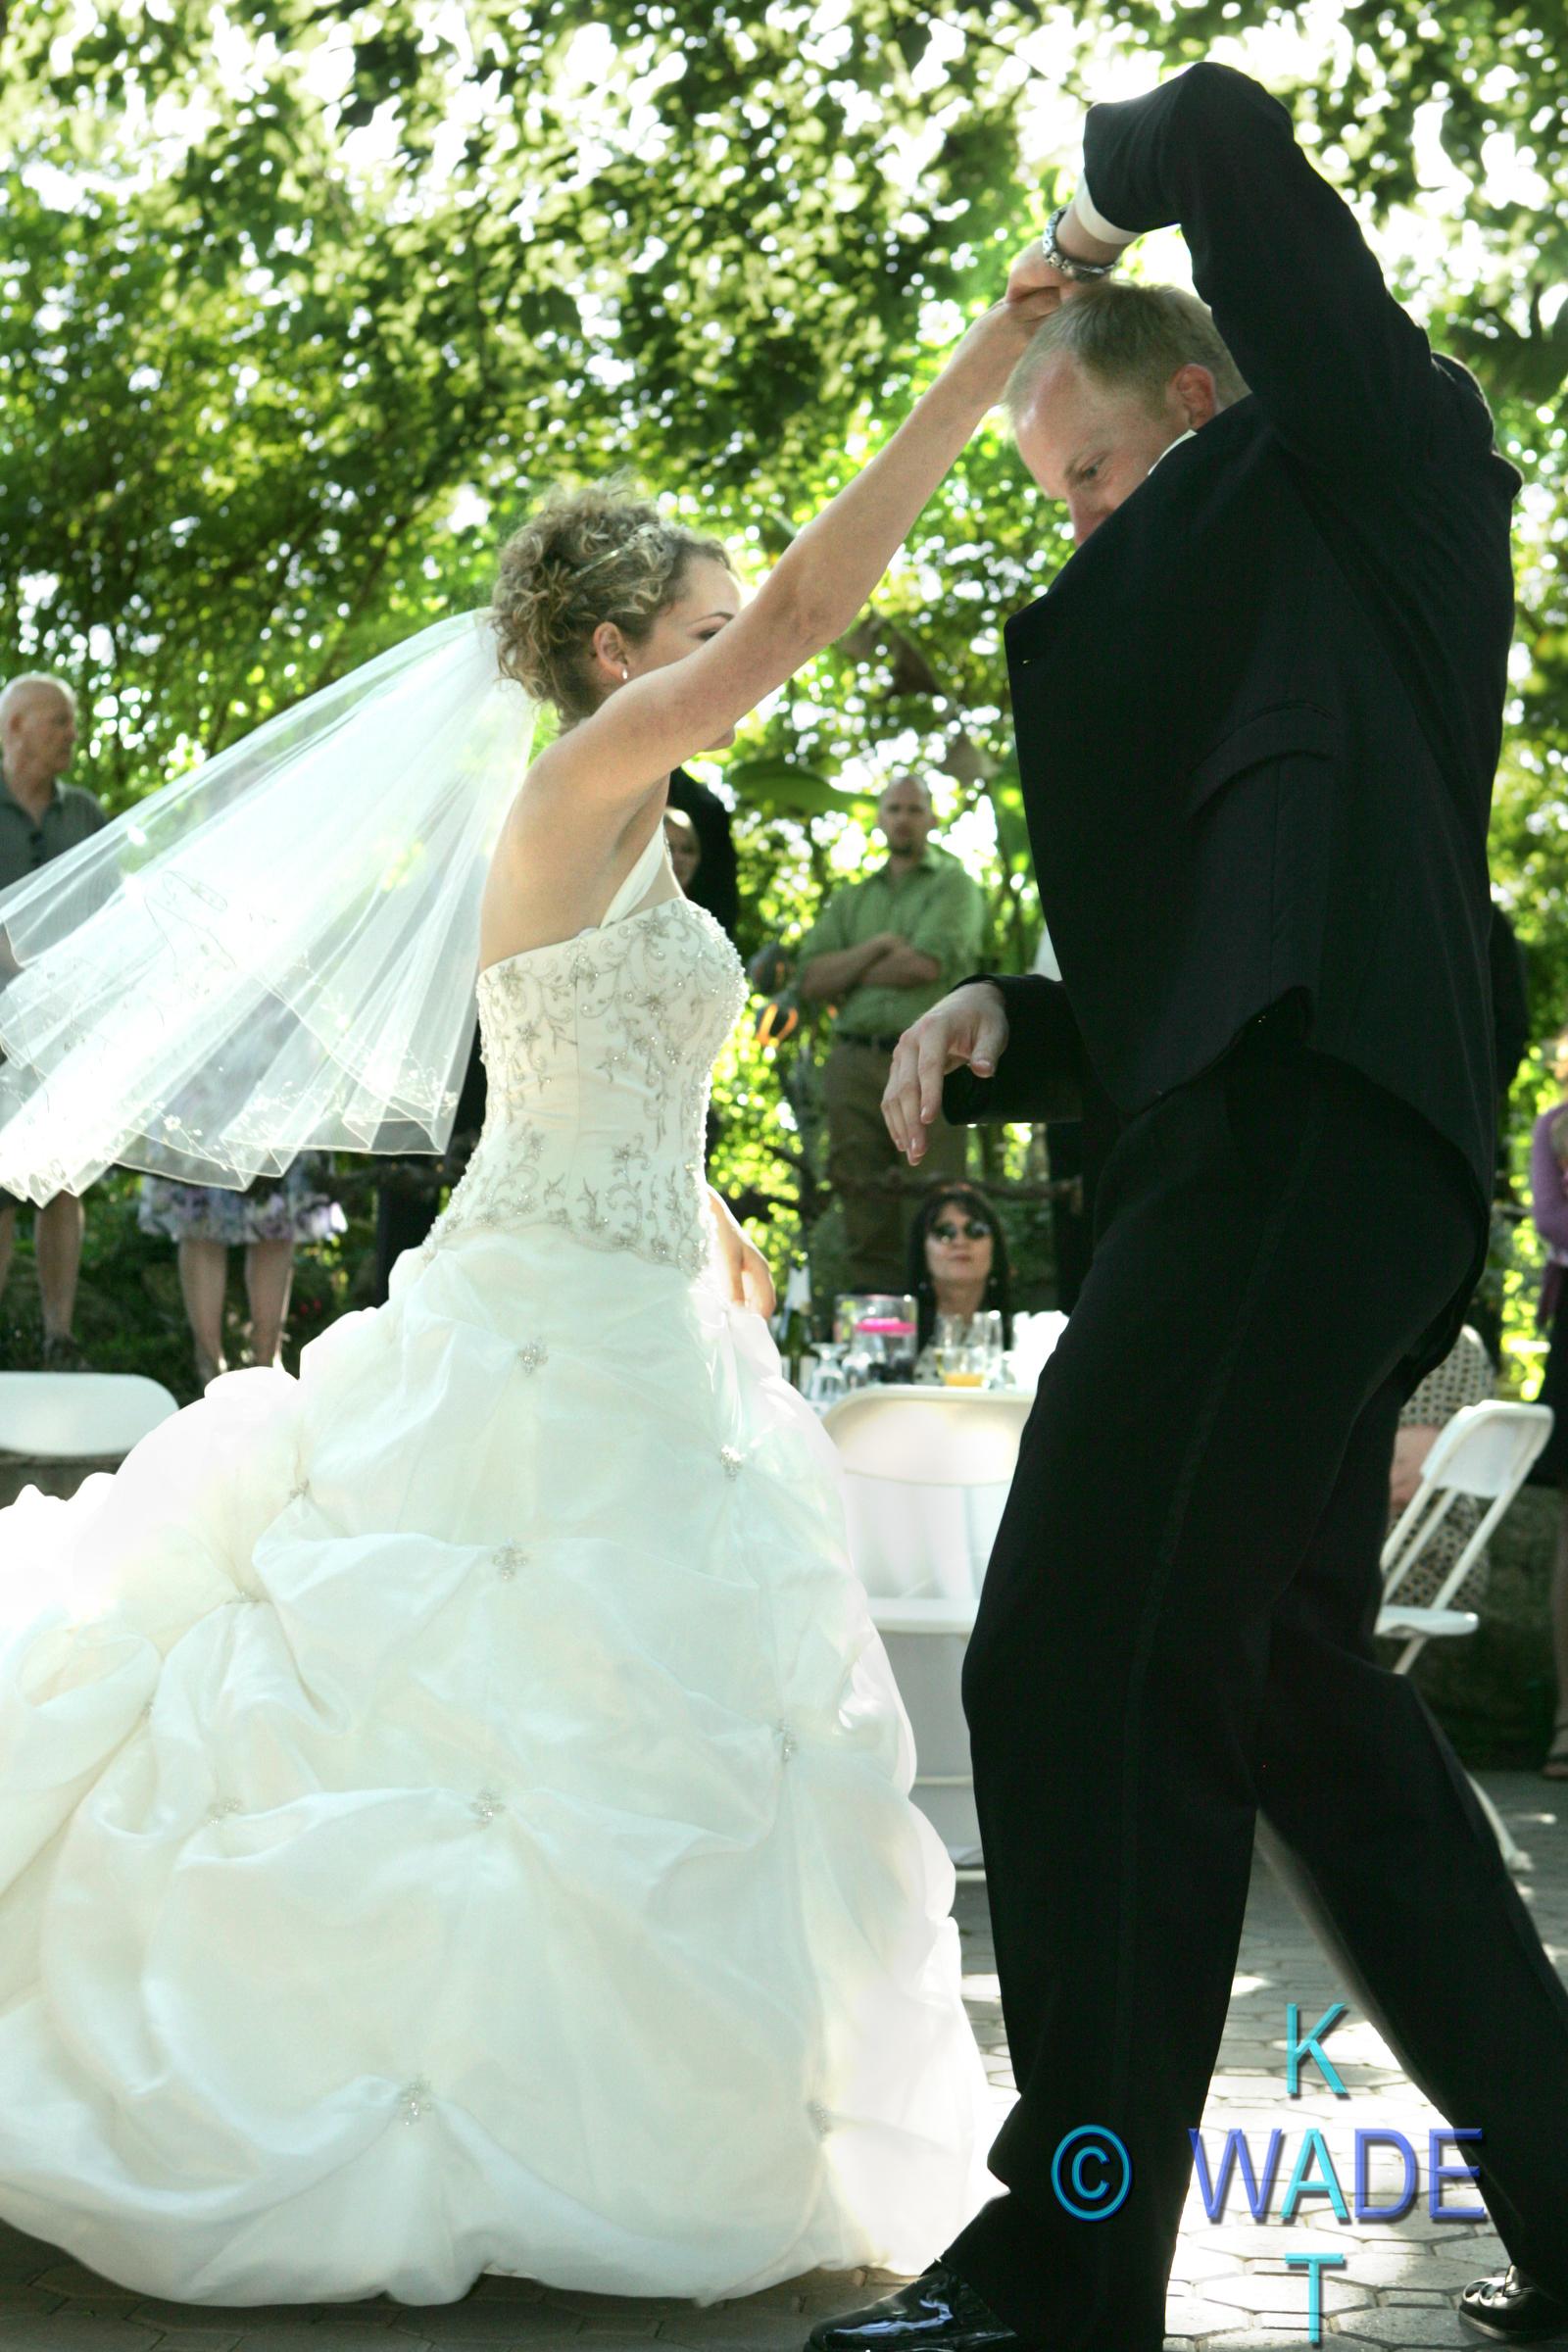 AMANDA_and_JON_Wedding_421_KatWade